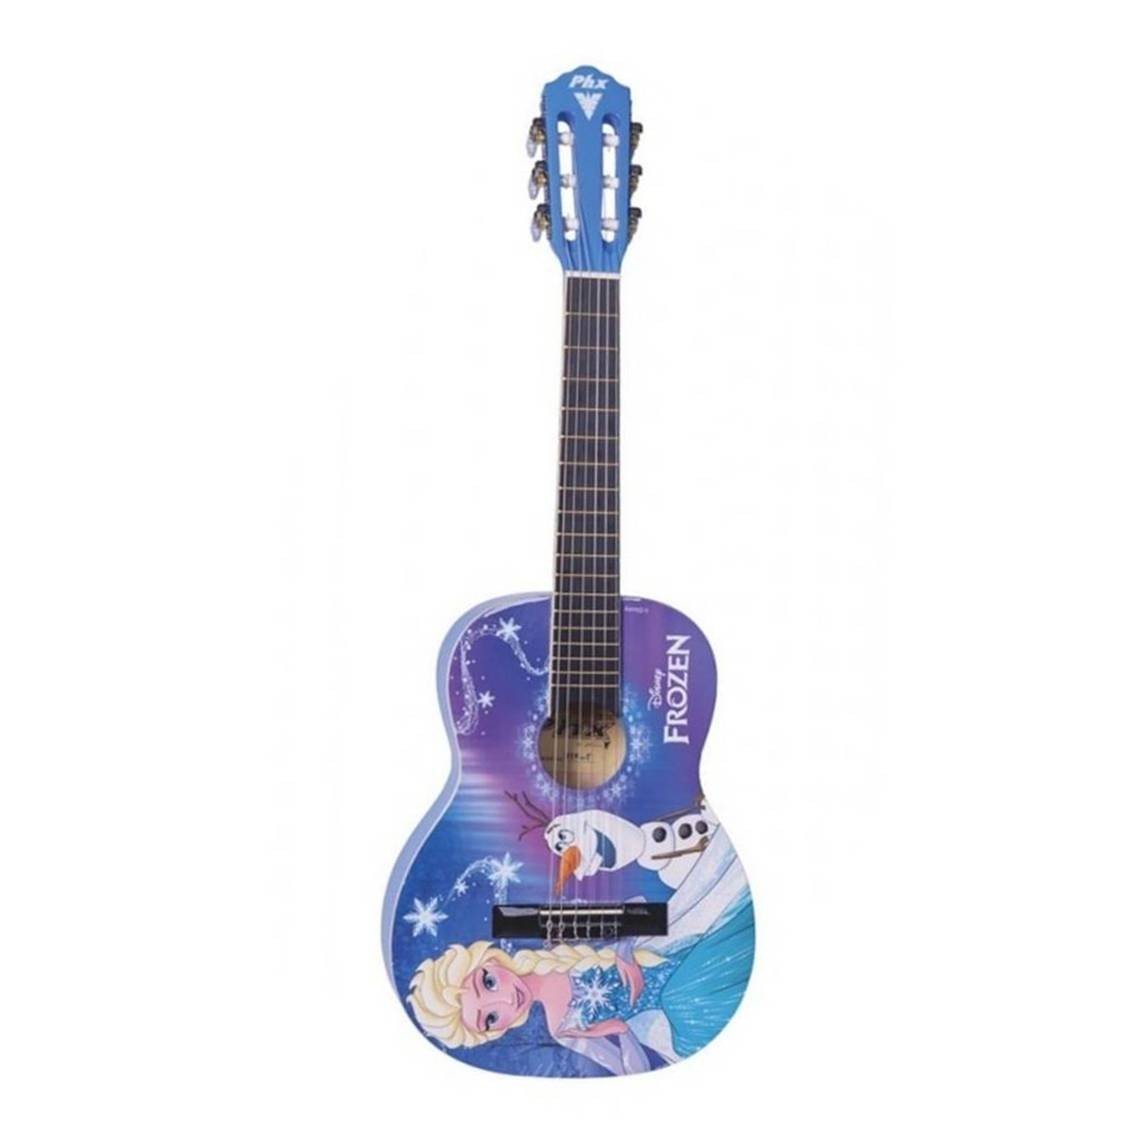 Imagem do produto Violão Infantil PHX